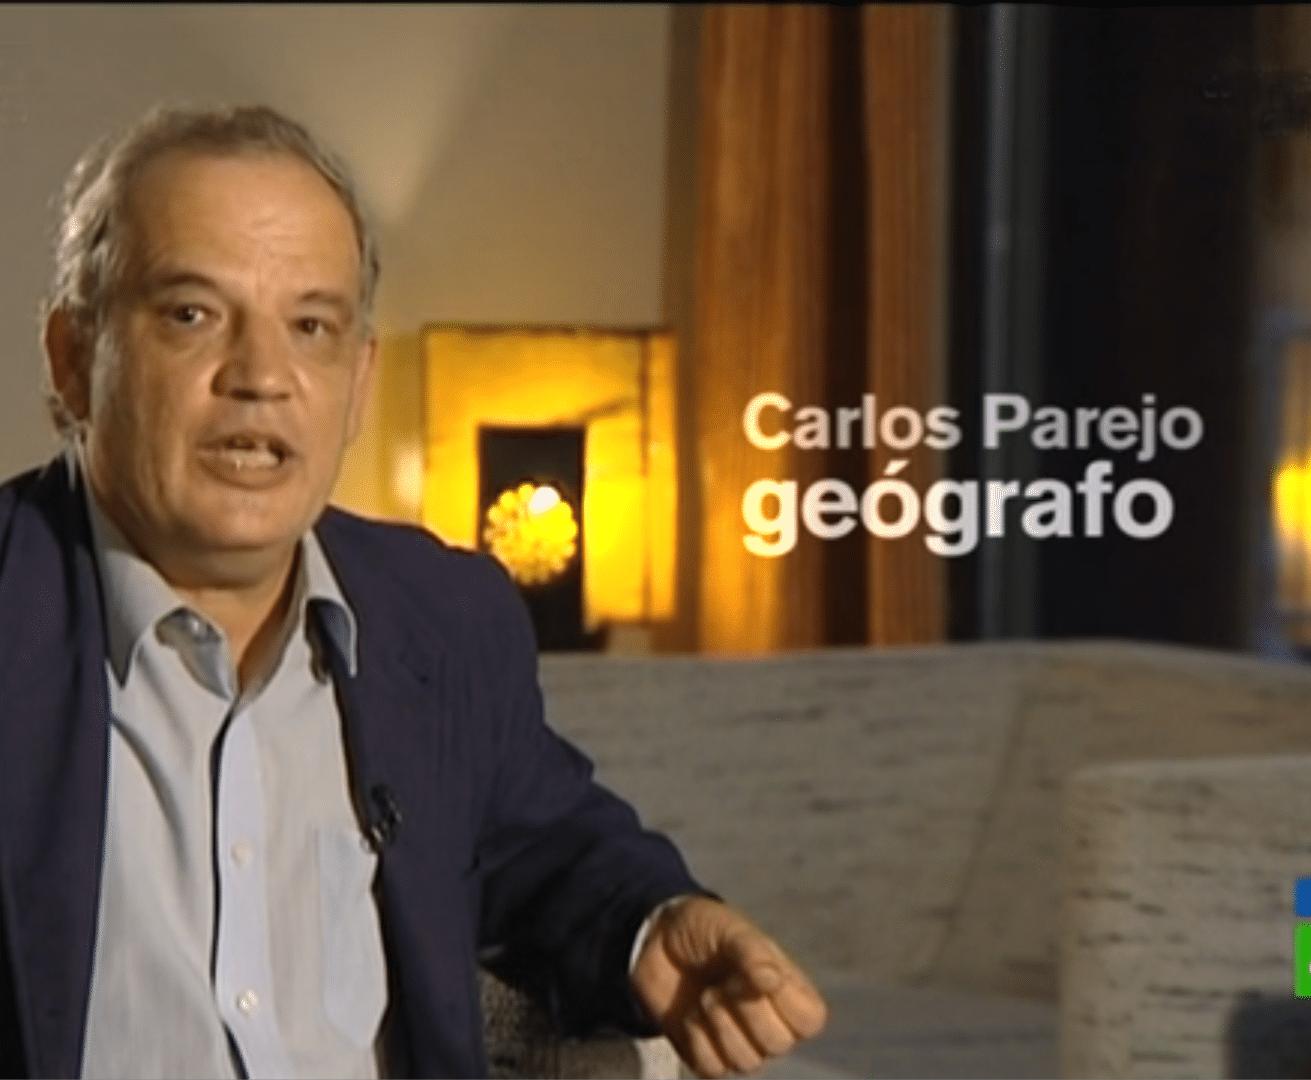 Carlos Parejo